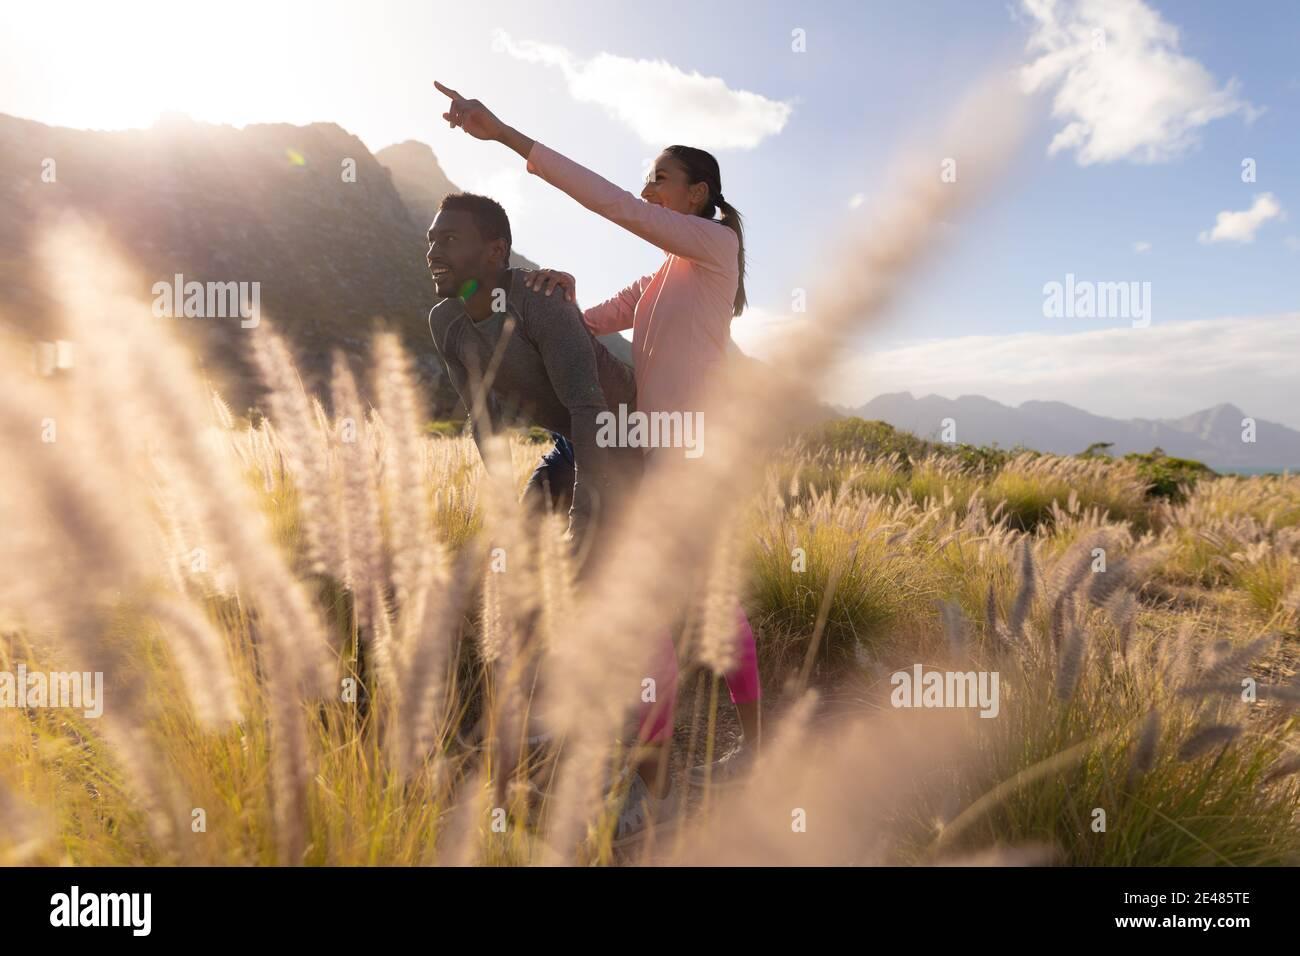 Calzare la coppia afroamericana in un abbigliamento sportivo poggiato sulle ginocchia in erba alta Foto Stock